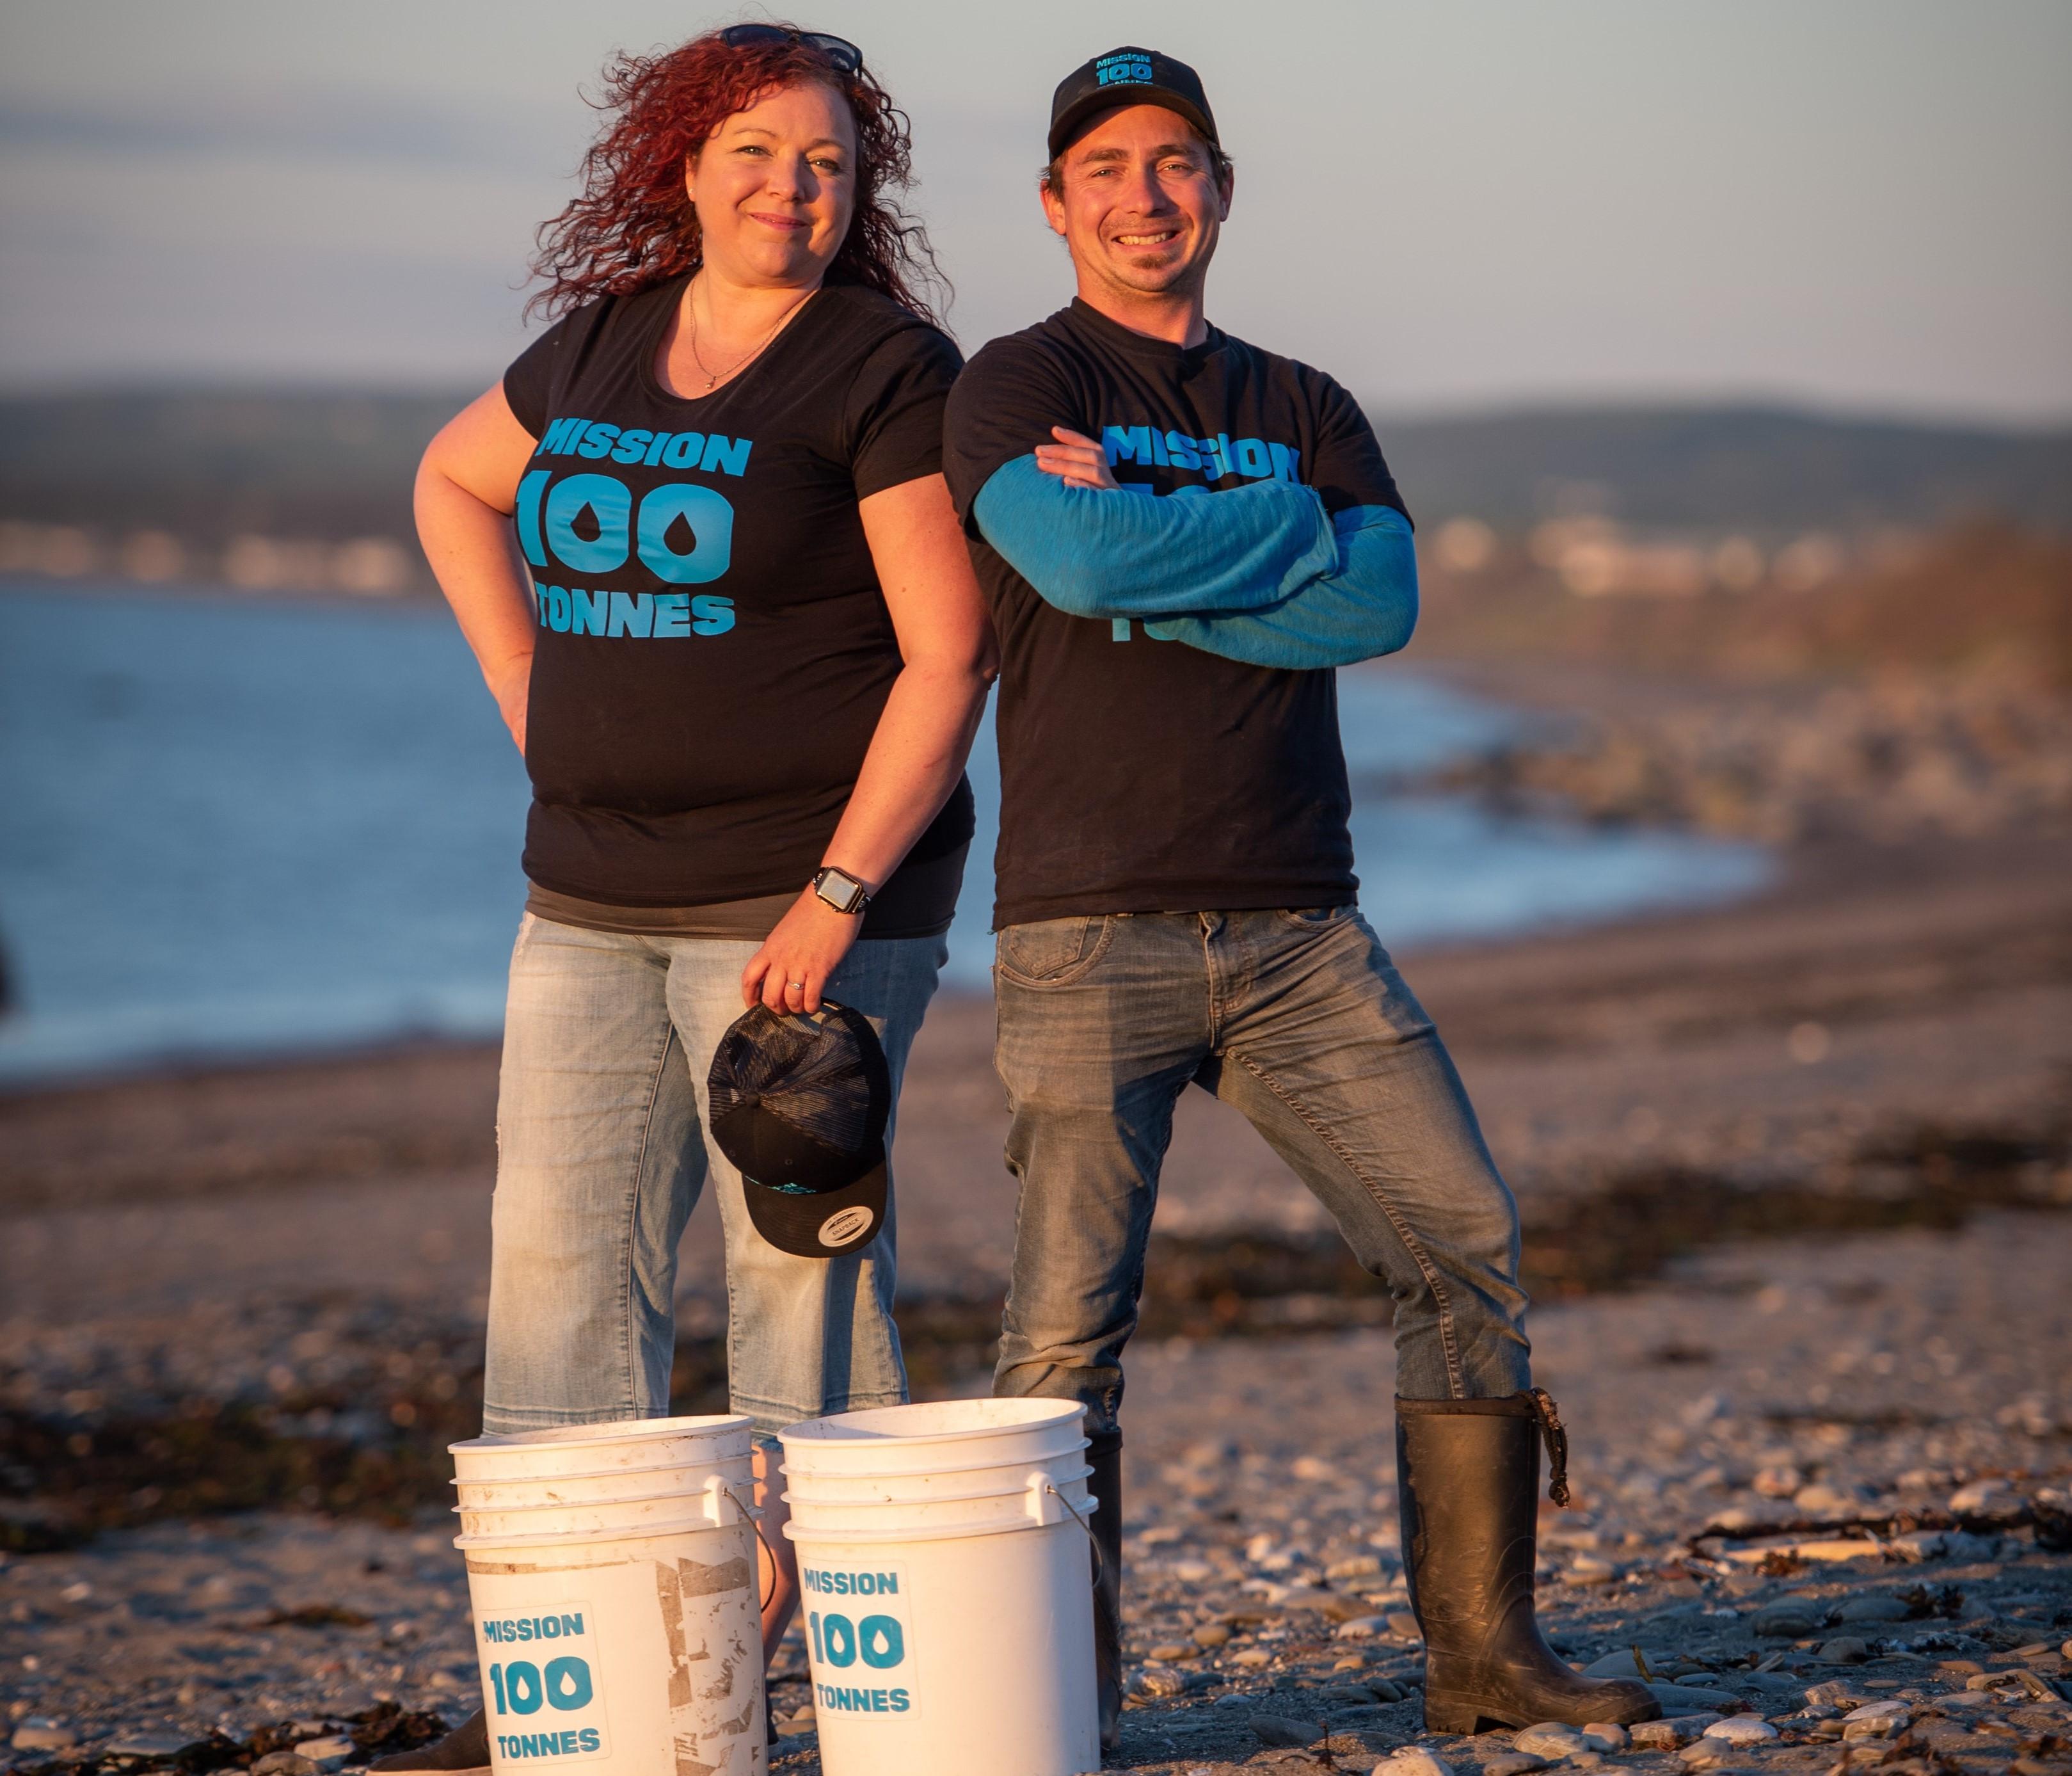 Lyne Morissette, de Sainte-Luce, et Jimmy Vigneux sont les initiateurs du projet « Mission 100 tonnes ».